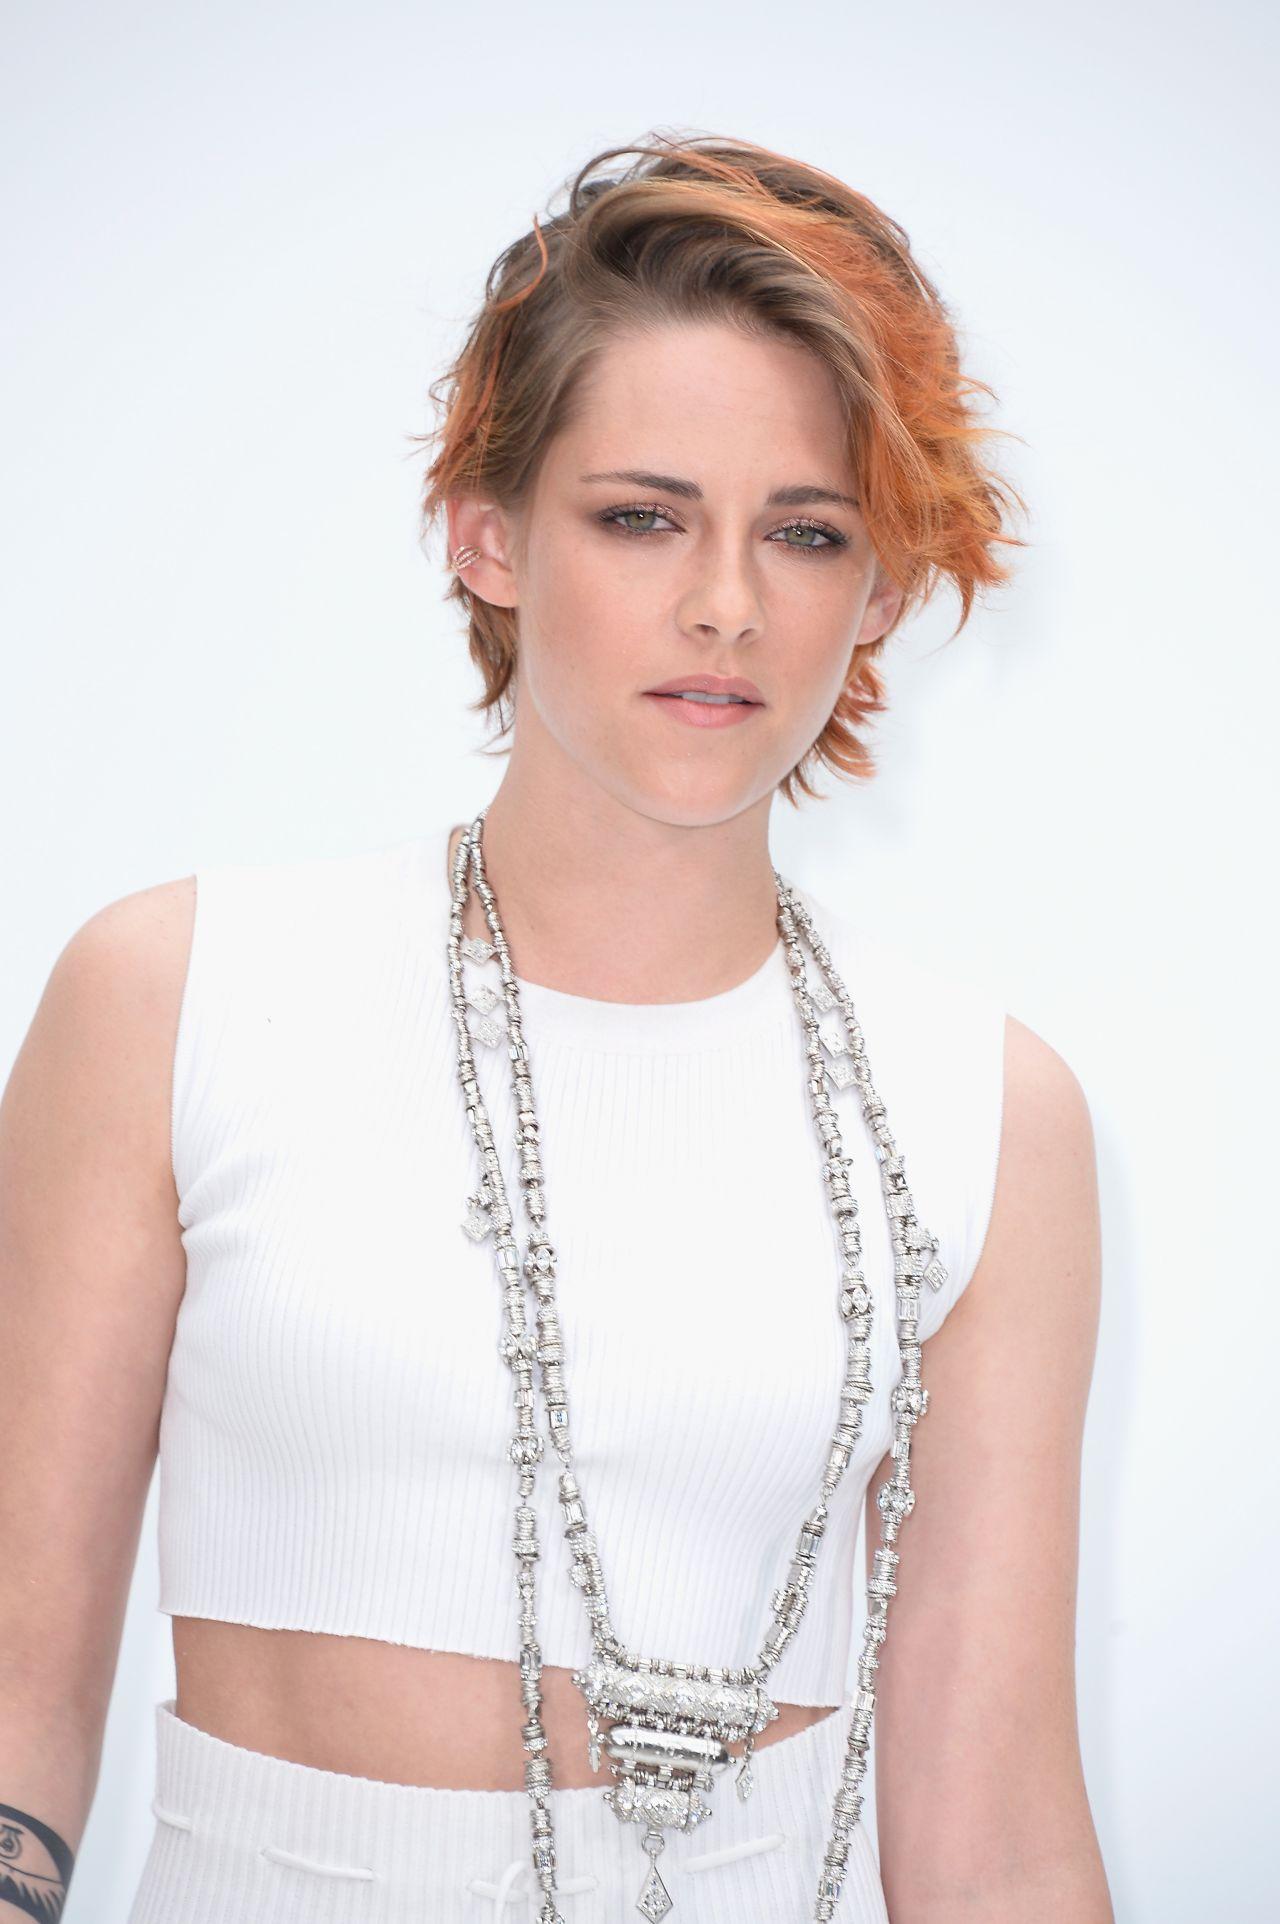 Kristen Stewart Chanel Fashion Show During Paris Fashion